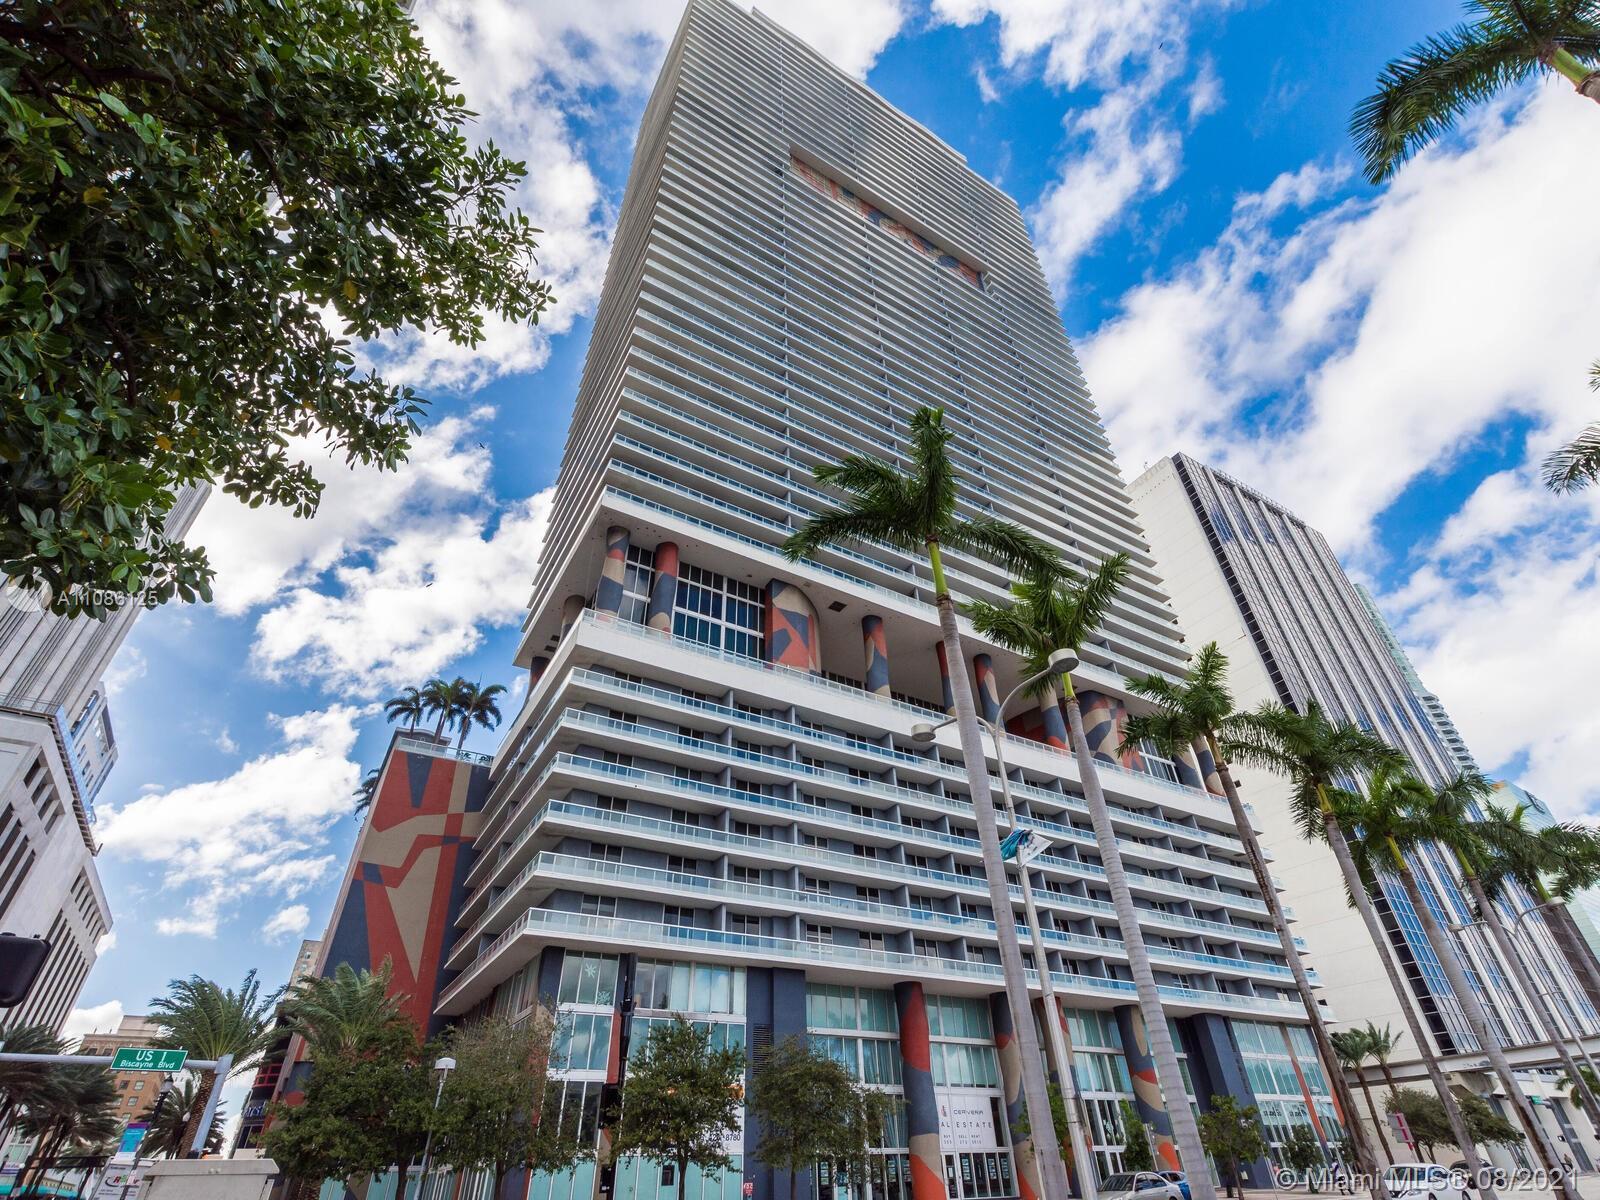 50 Biscayne #1811 - 50 Biscayne Blvd #1811, Miami, FL 33132